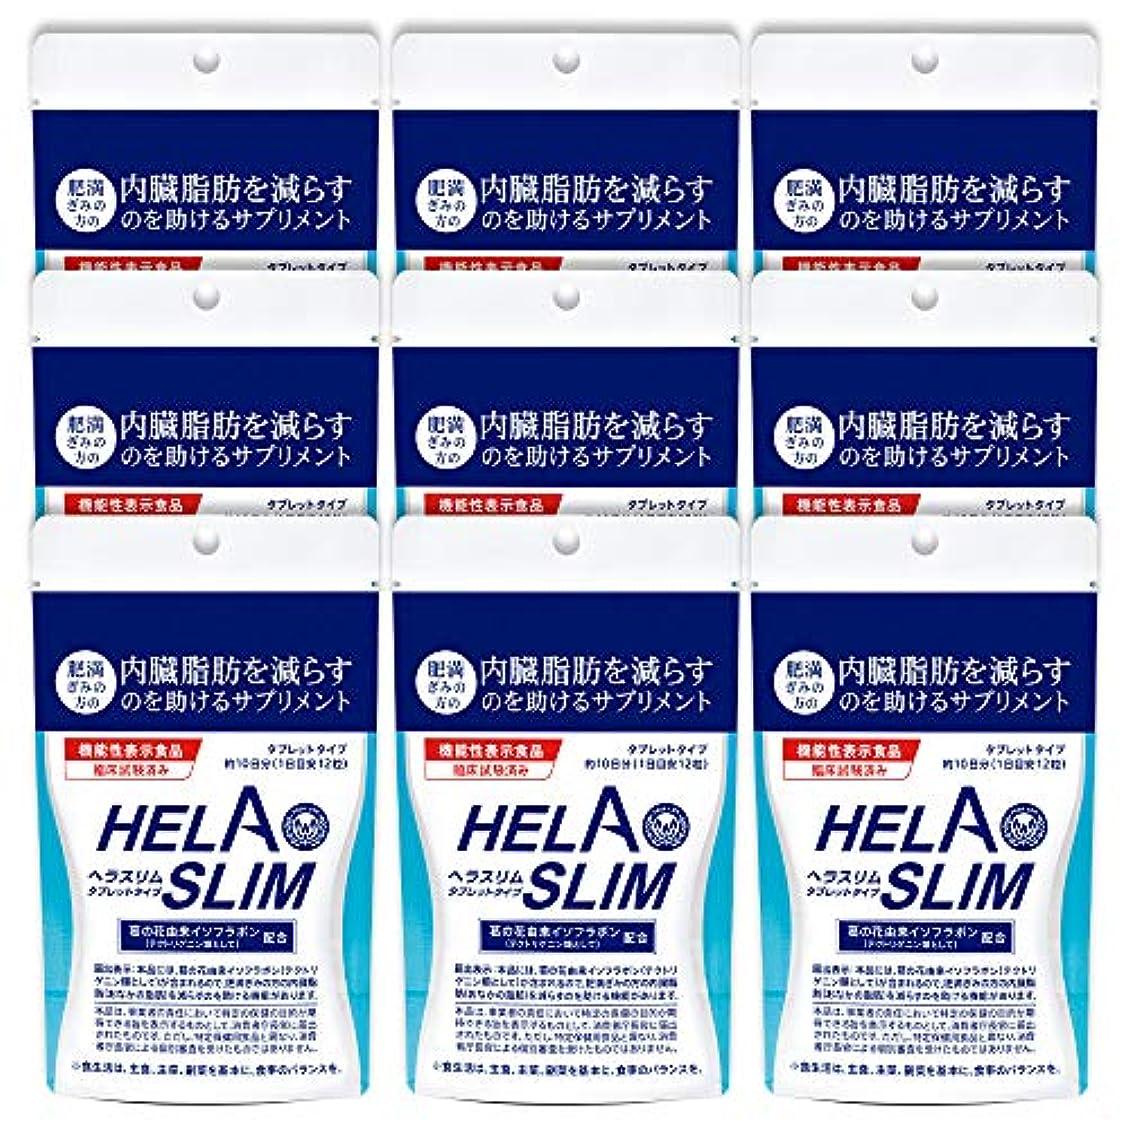 軽く用心する旅【9袋セット】HELASLIM(120粒入り)アルミパック